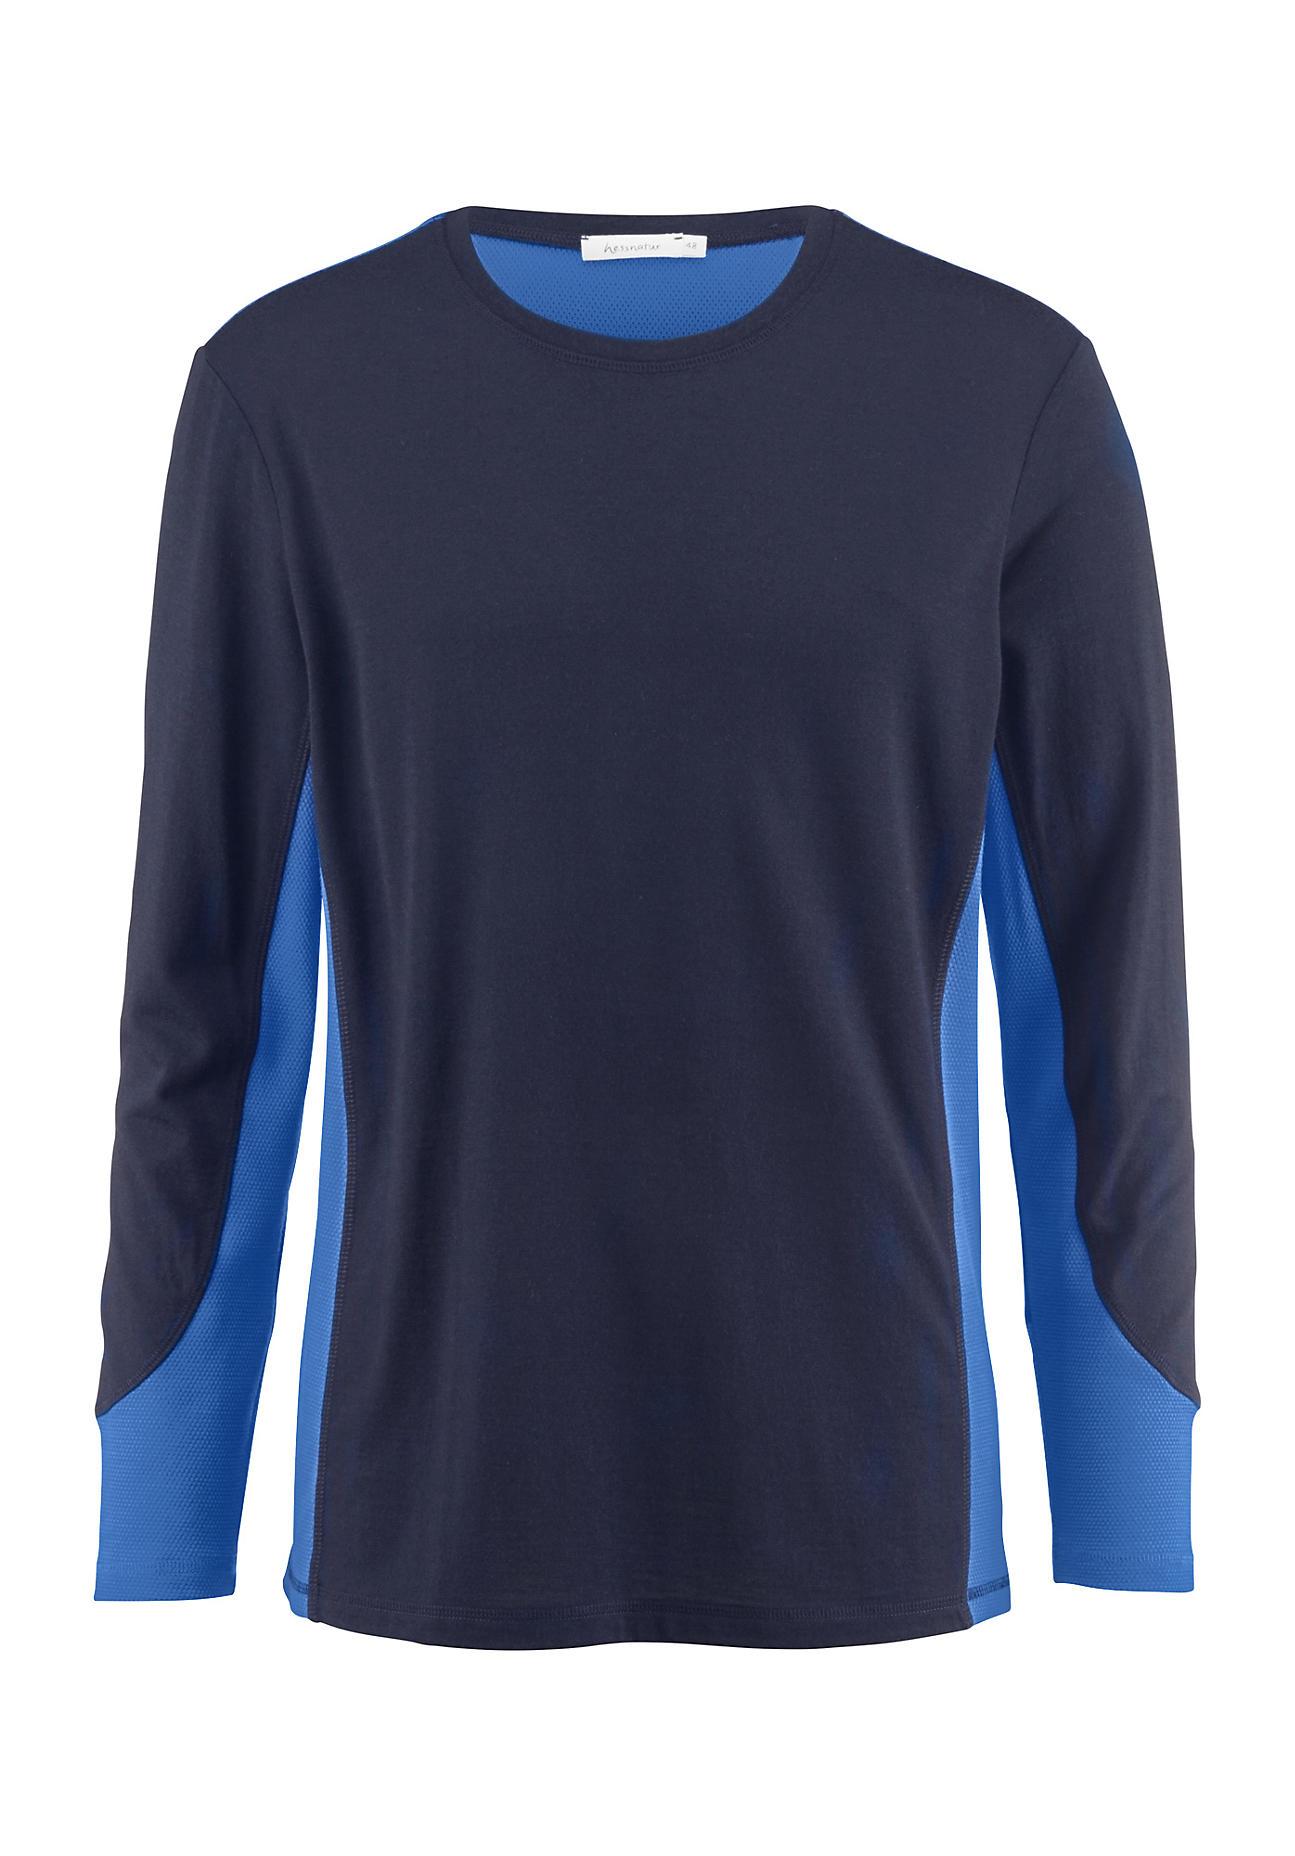 hessnatur Herren-Outdoor Herren Funktionsshirt aus Merinowolle – blau – Größe 52